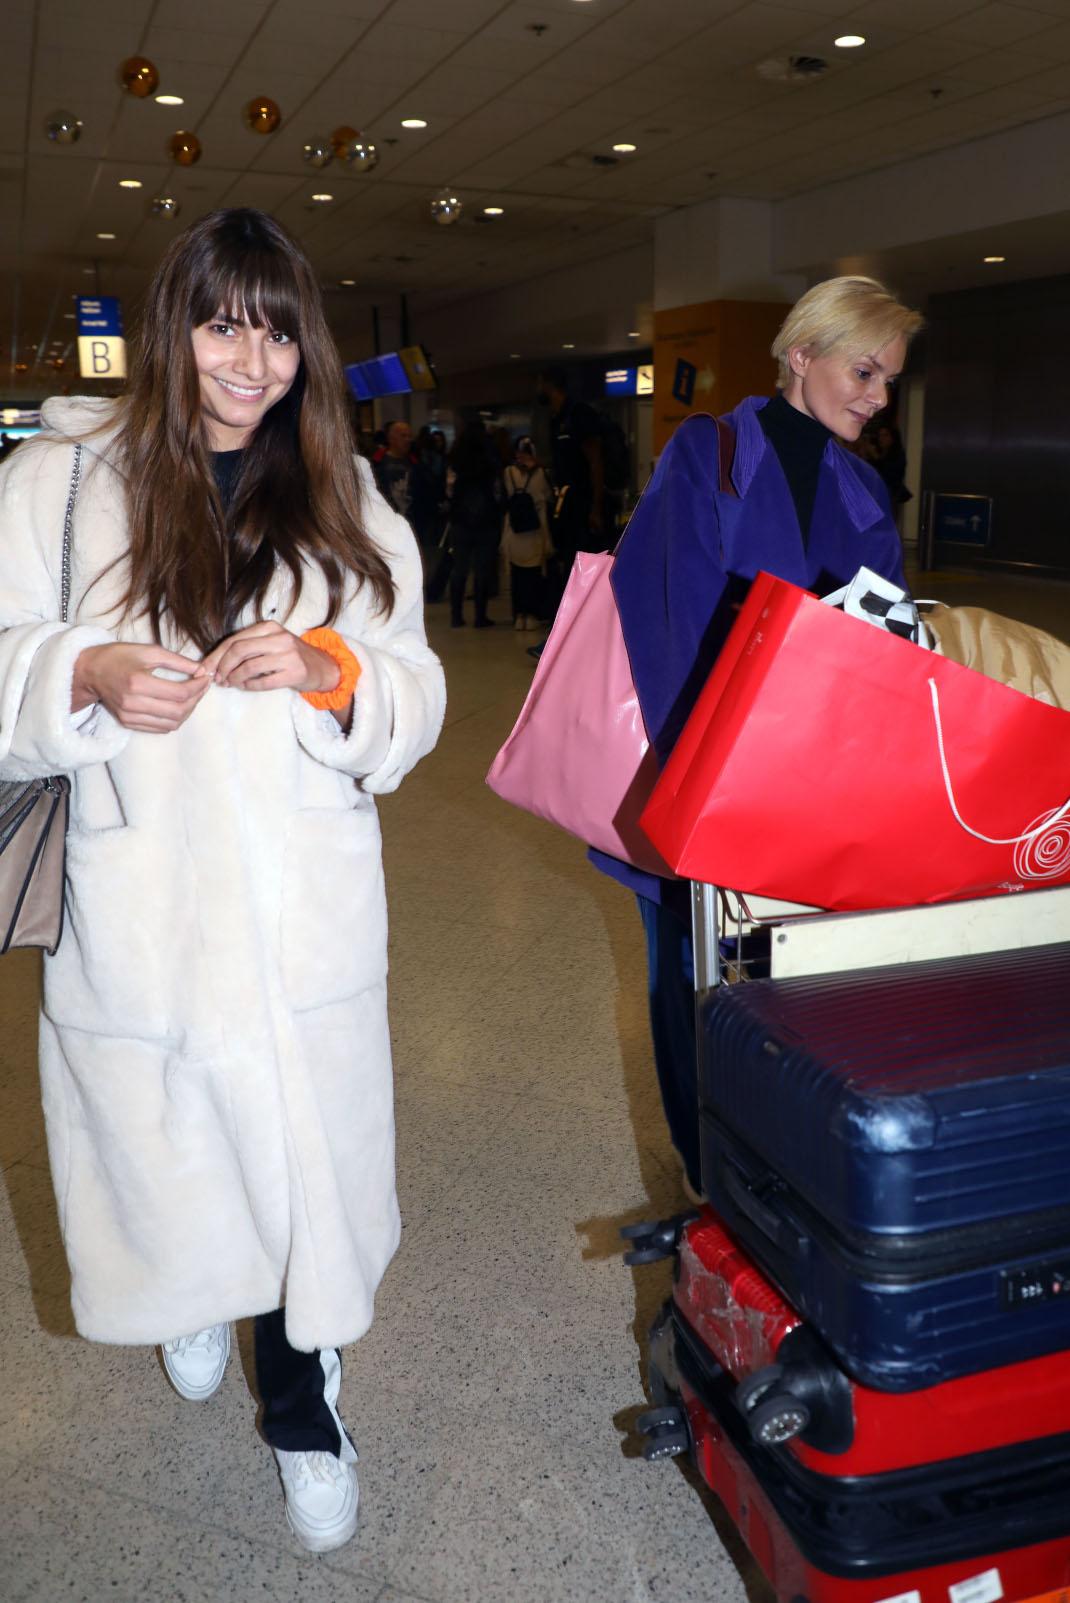 Ηλιάνα Παπαγεωργίου-Έλενα Χριστοπούλου στο αεροδρόμιο